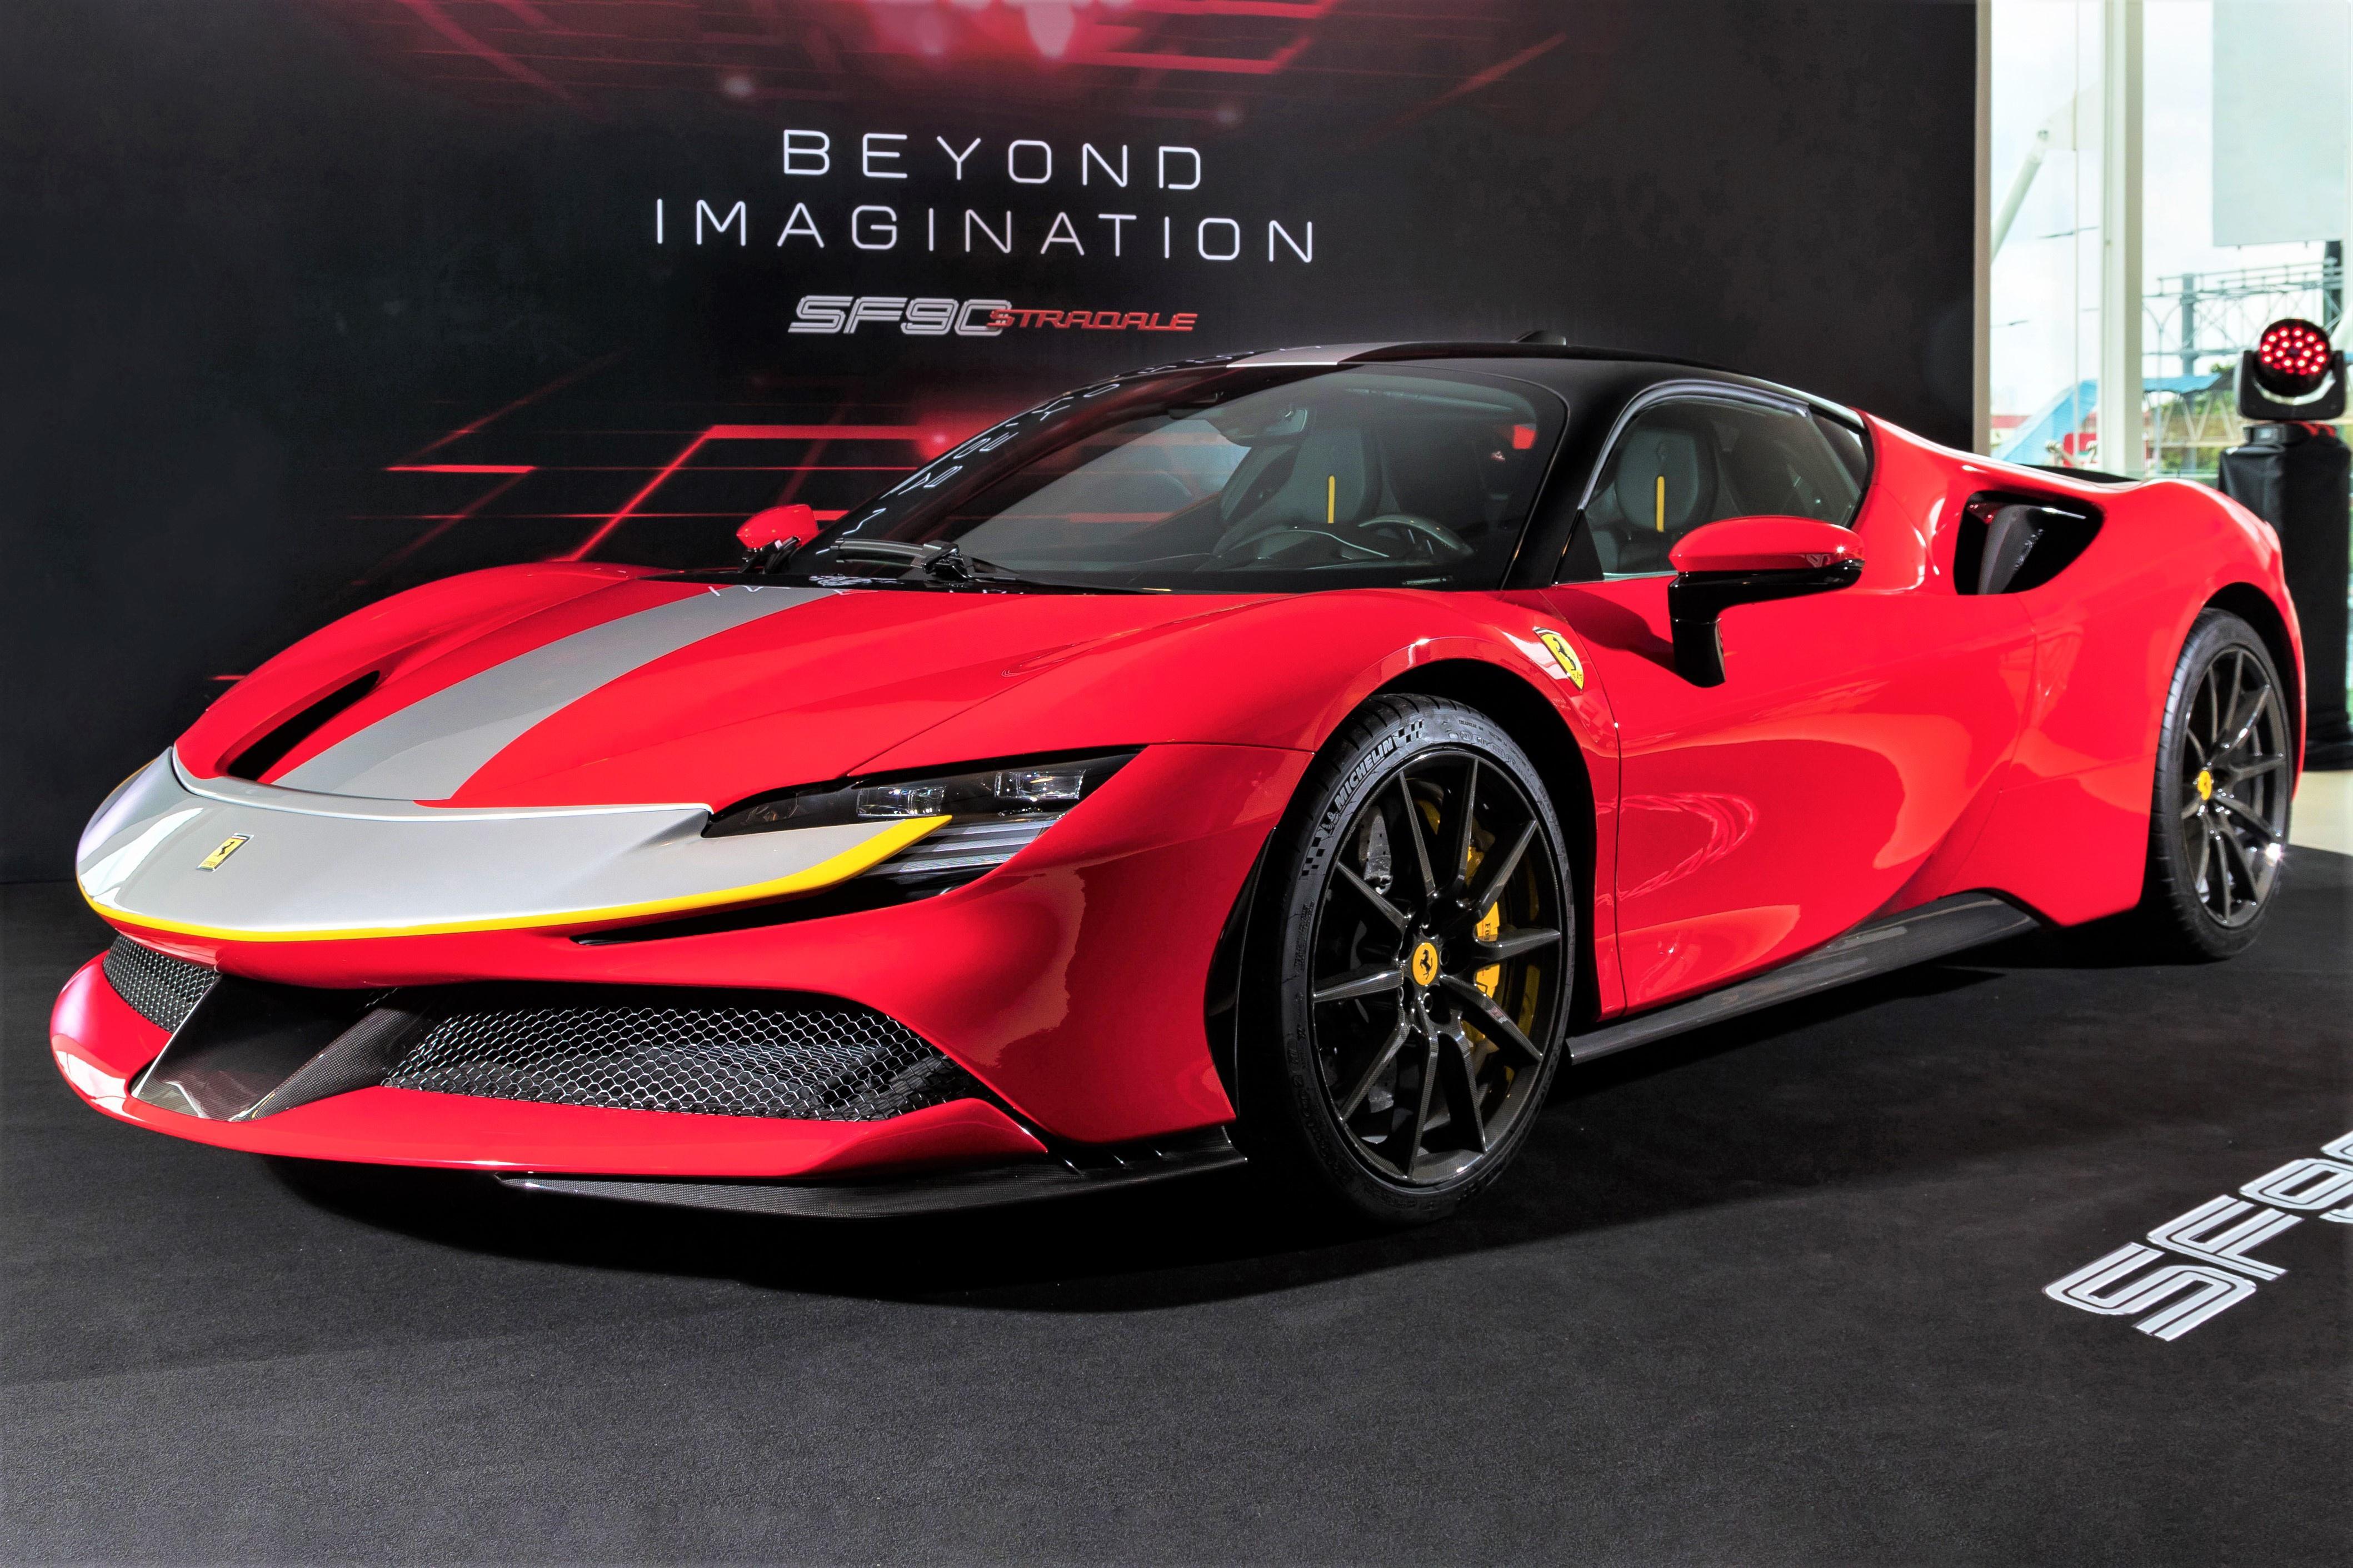 Siêu xe Ferrari SF90 Stradale được ra mắt tại Malaysia